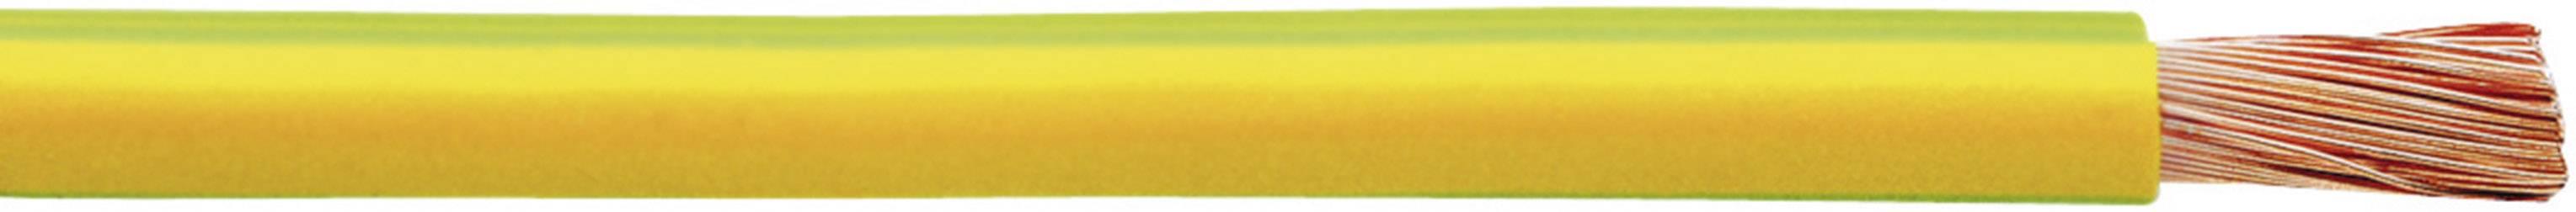 Pletenica H07V-K 1 x 6 mm, svetlo modra Faber Kabel 040230 cena za meter